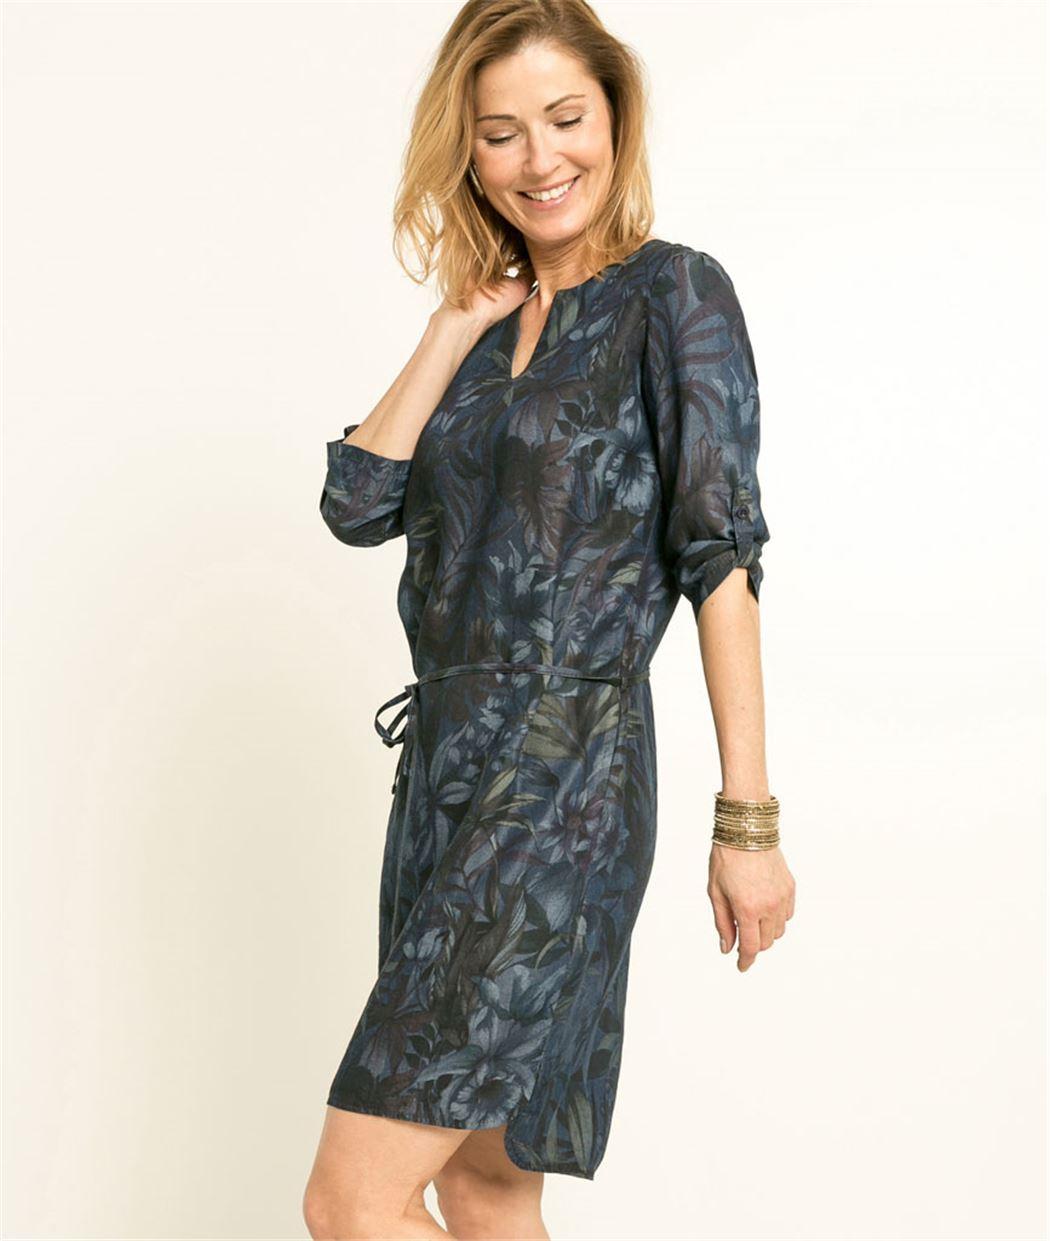 robe femme imprim floral bleu grain de malice. Black Bedroom Furniture Sets. Home Design Ideas